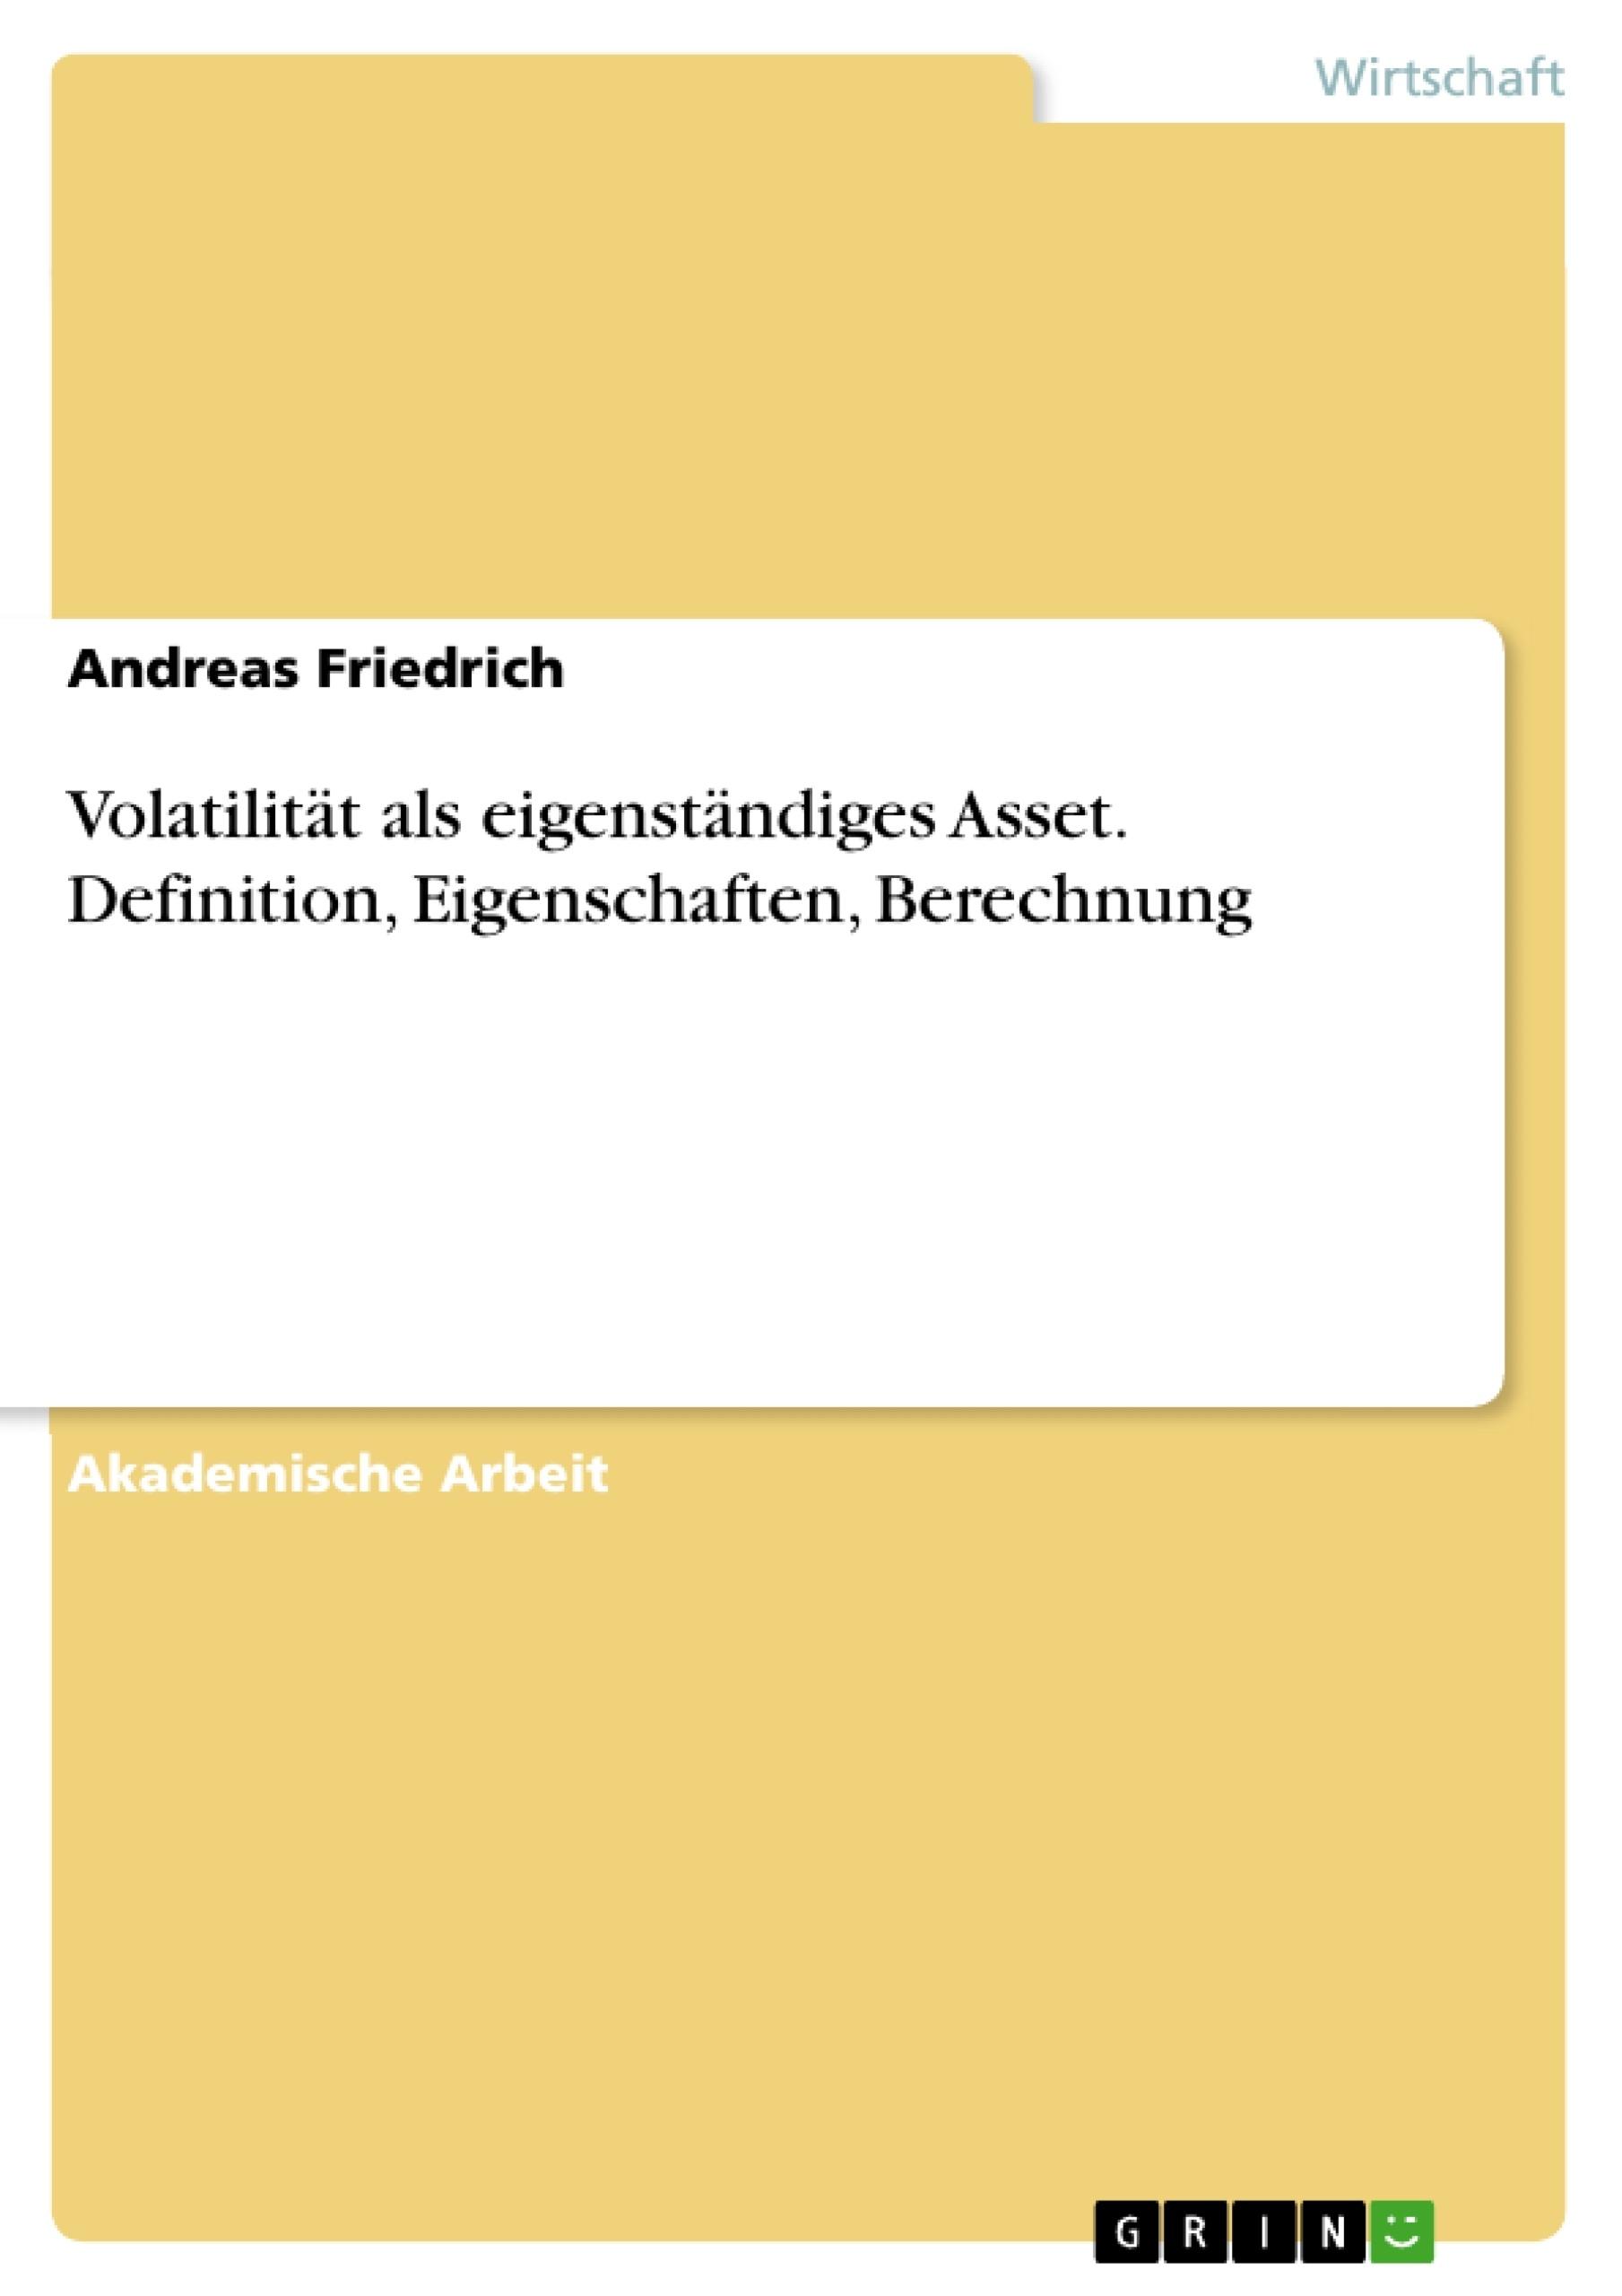 Titel: Volatilität als eigenständiges Asset. Definition, Eigenschaften, Berechnung